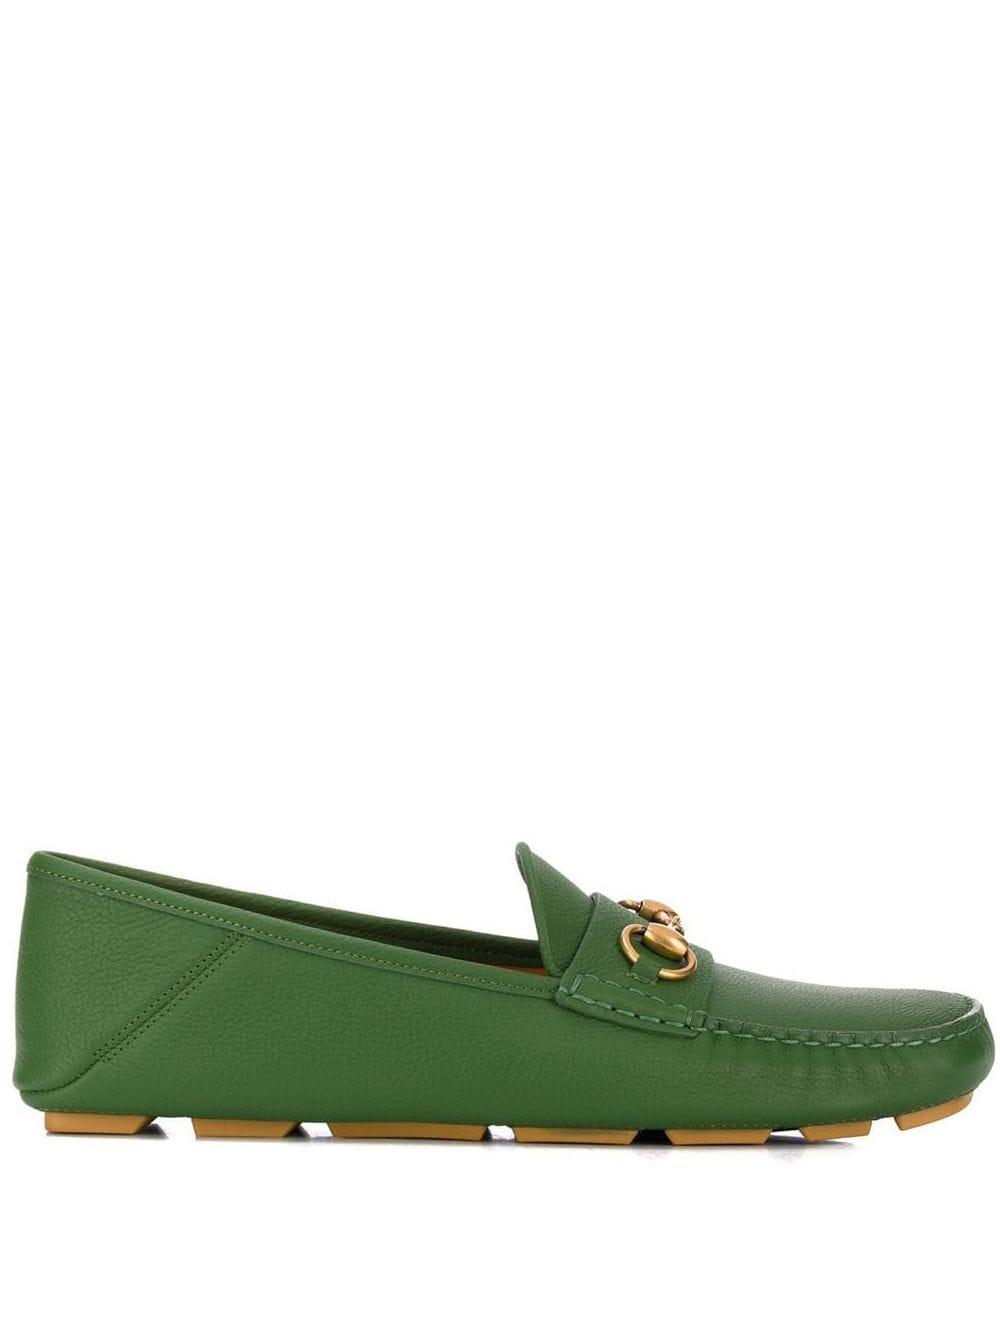 Gucci Loafer mit Horsebit-Spange - Grün